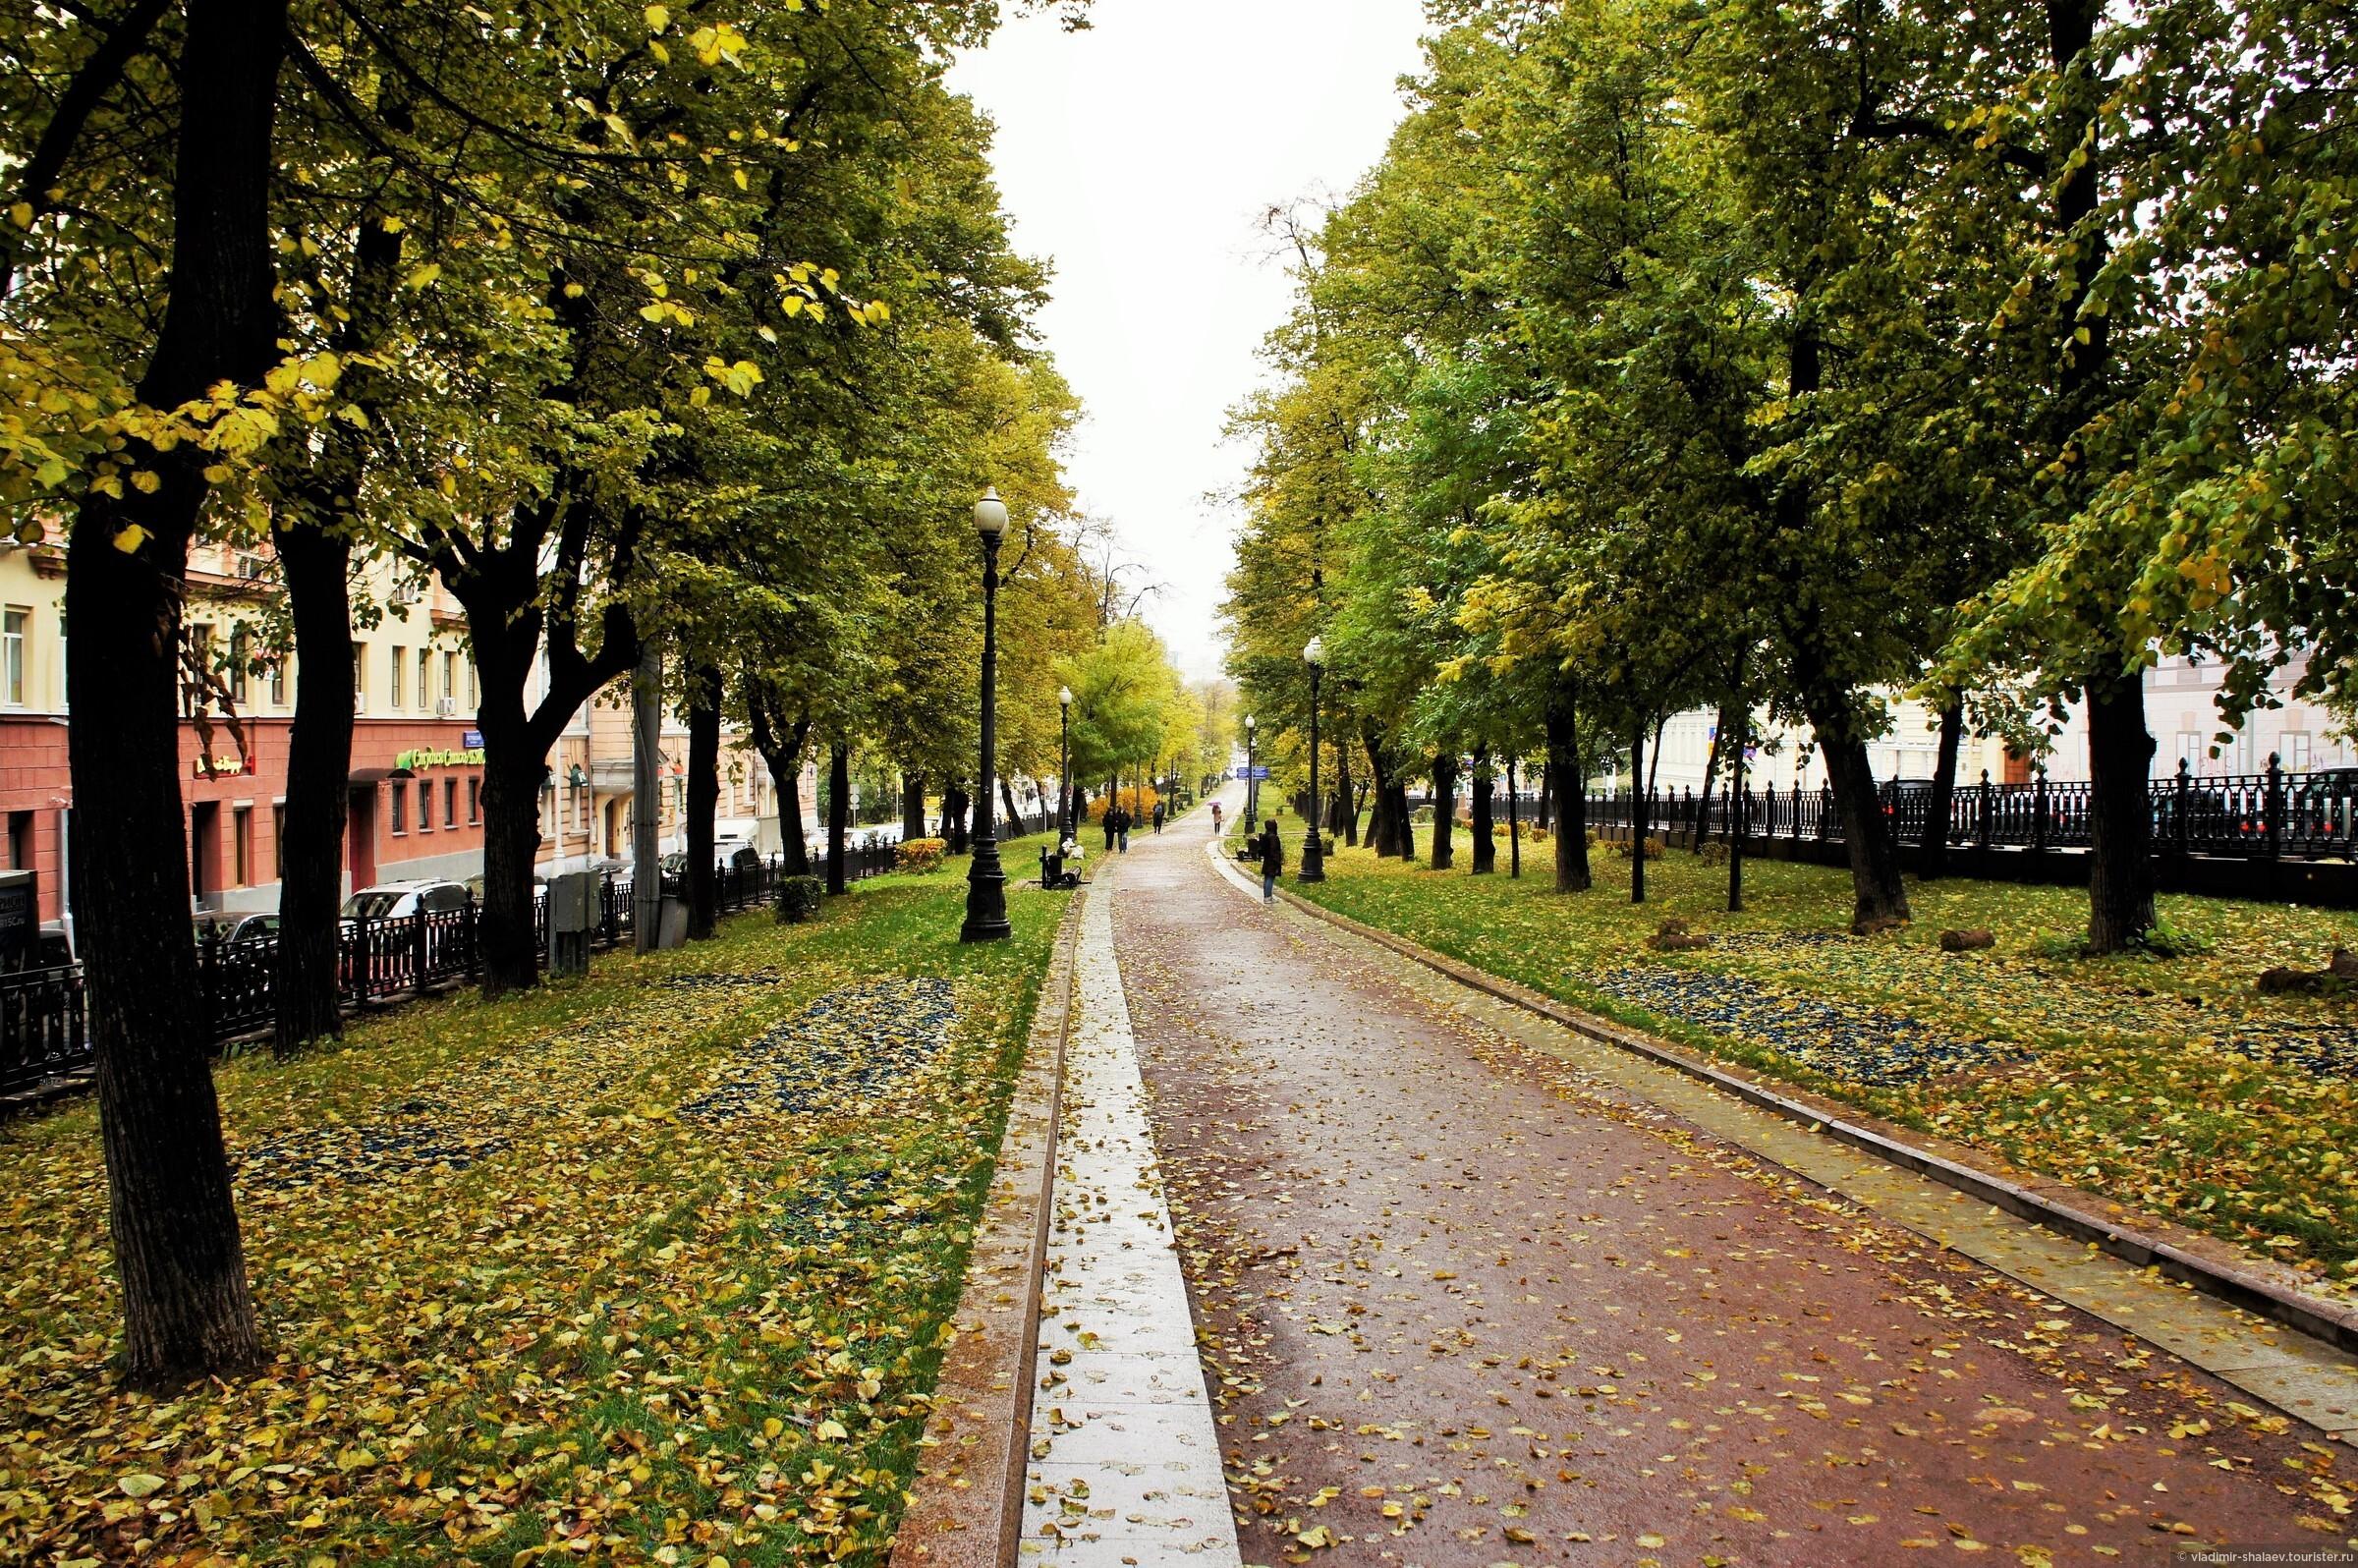 собраны бульвары москвы фото брусков можно